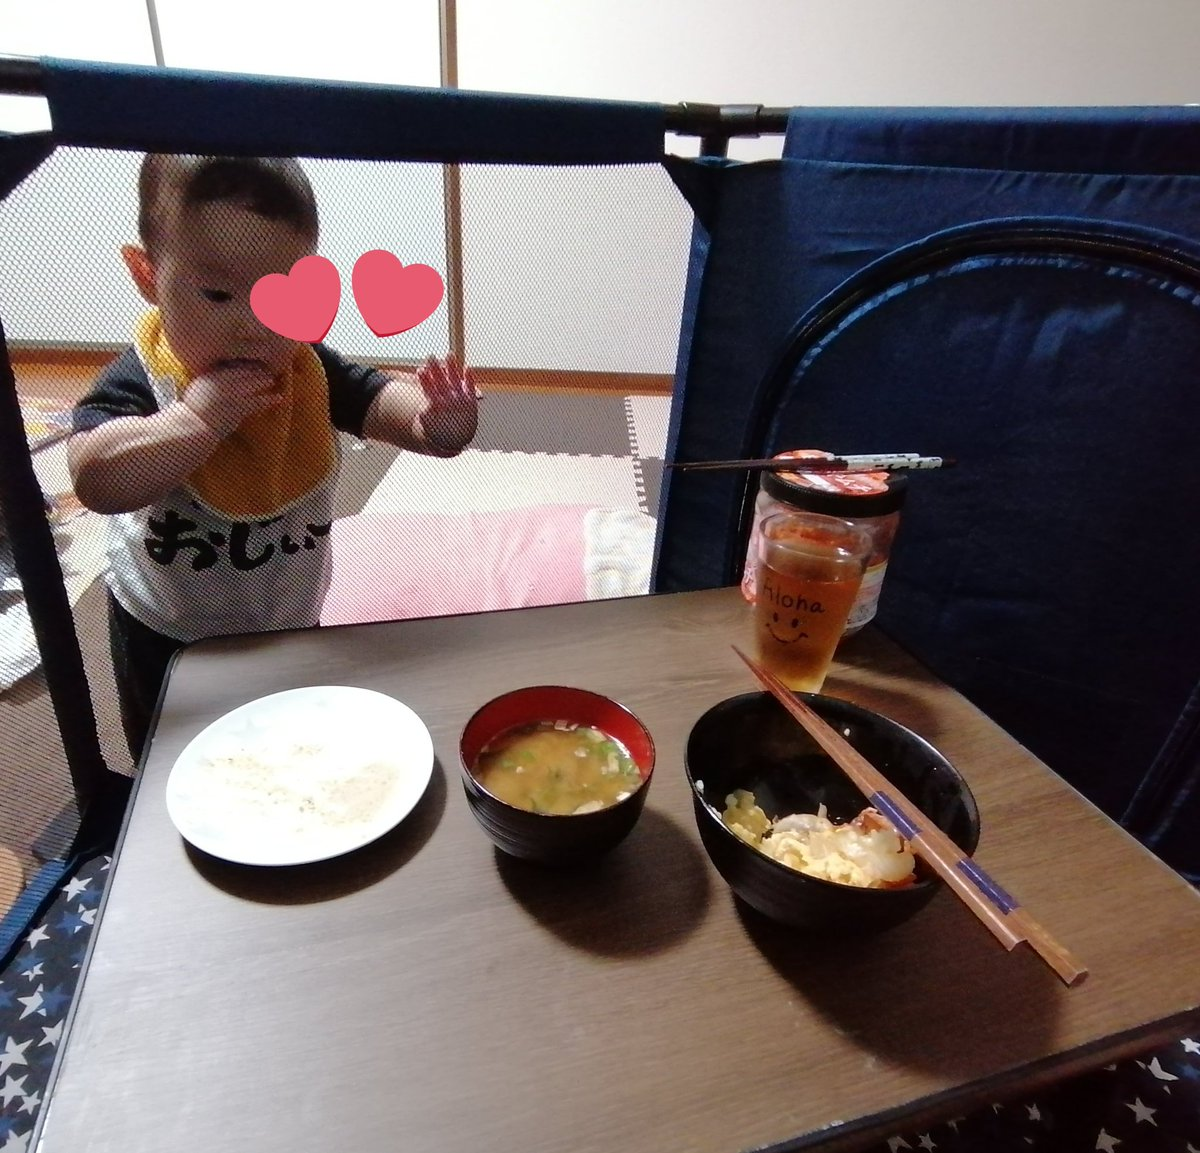 ベビーサークルに旦那を隔離!ゆっくりご飯を食べる方法